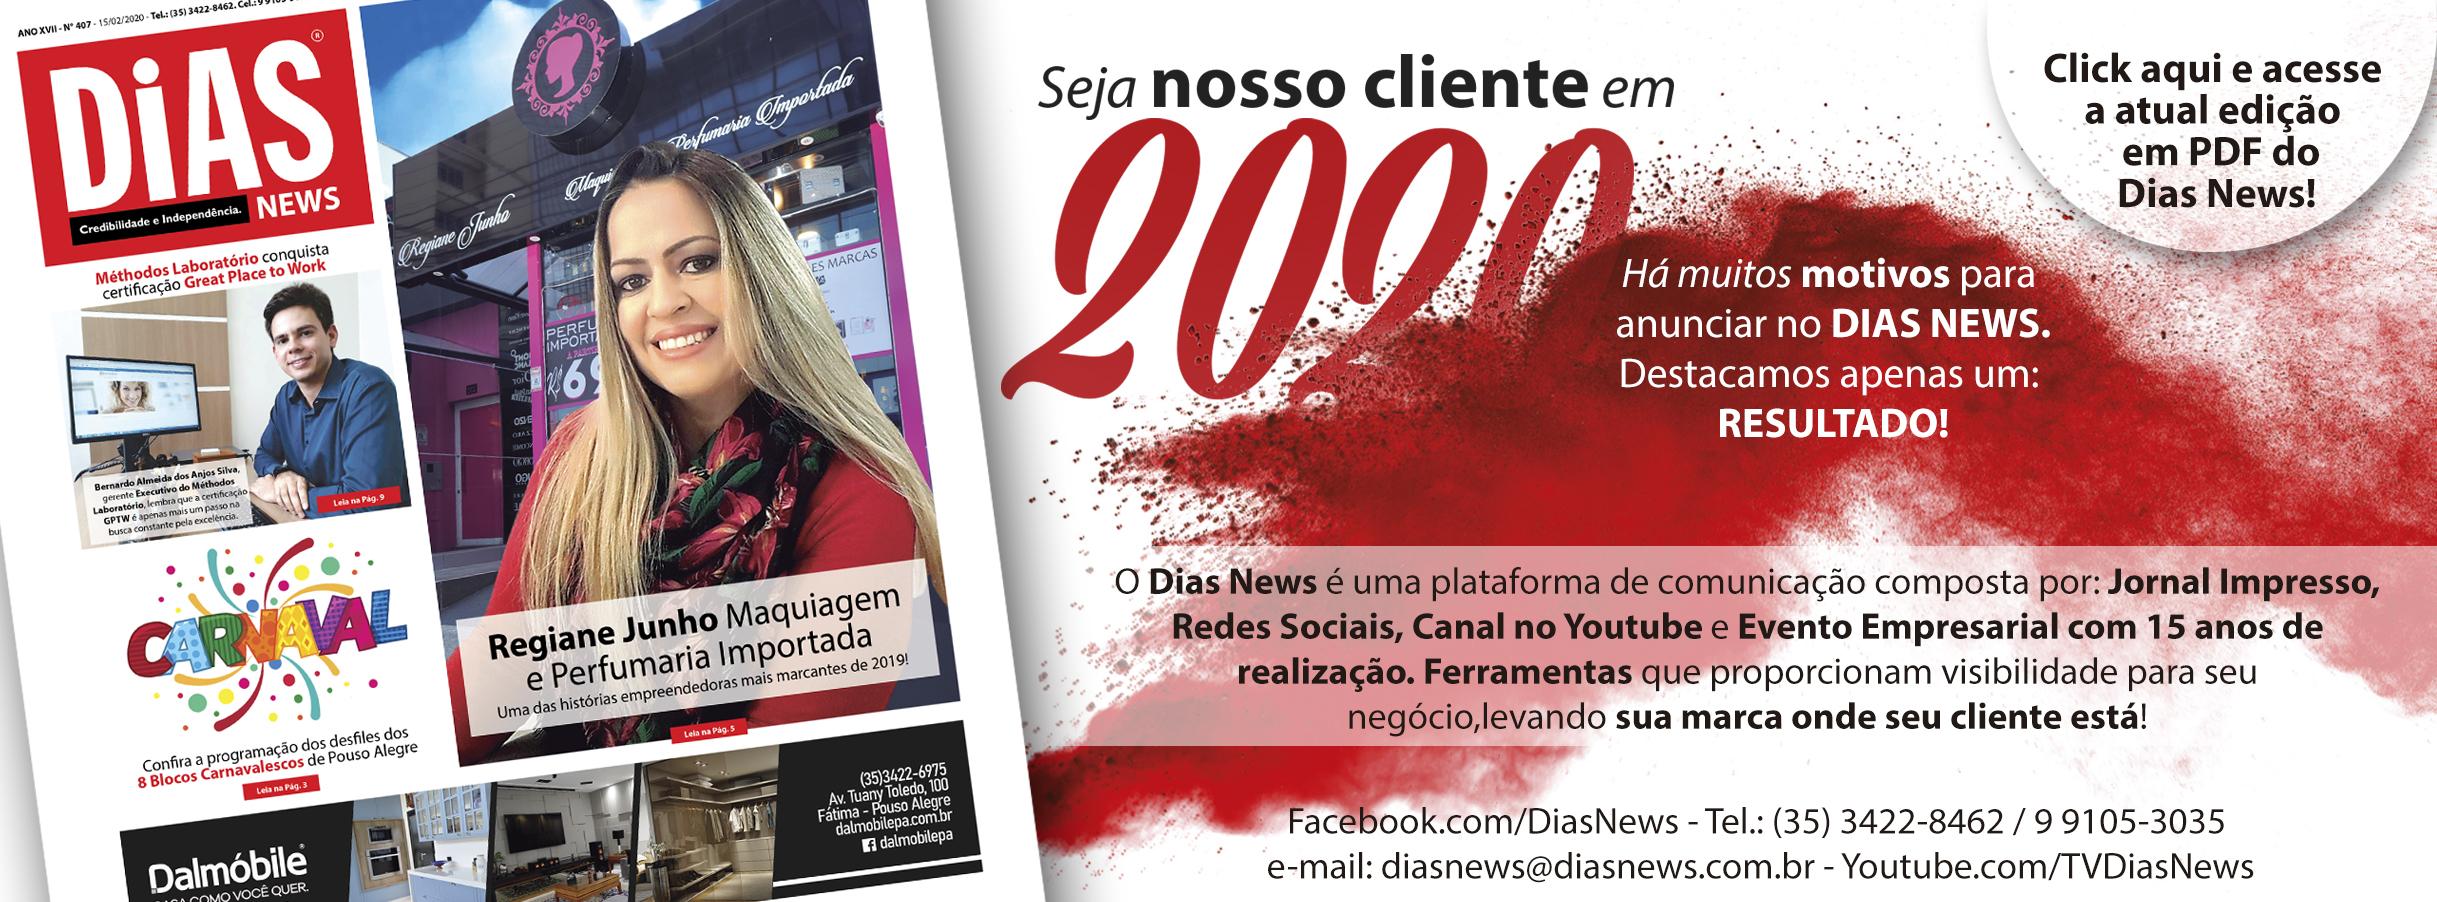 CLICK AQUI e acesse a edição 407 do Dias News